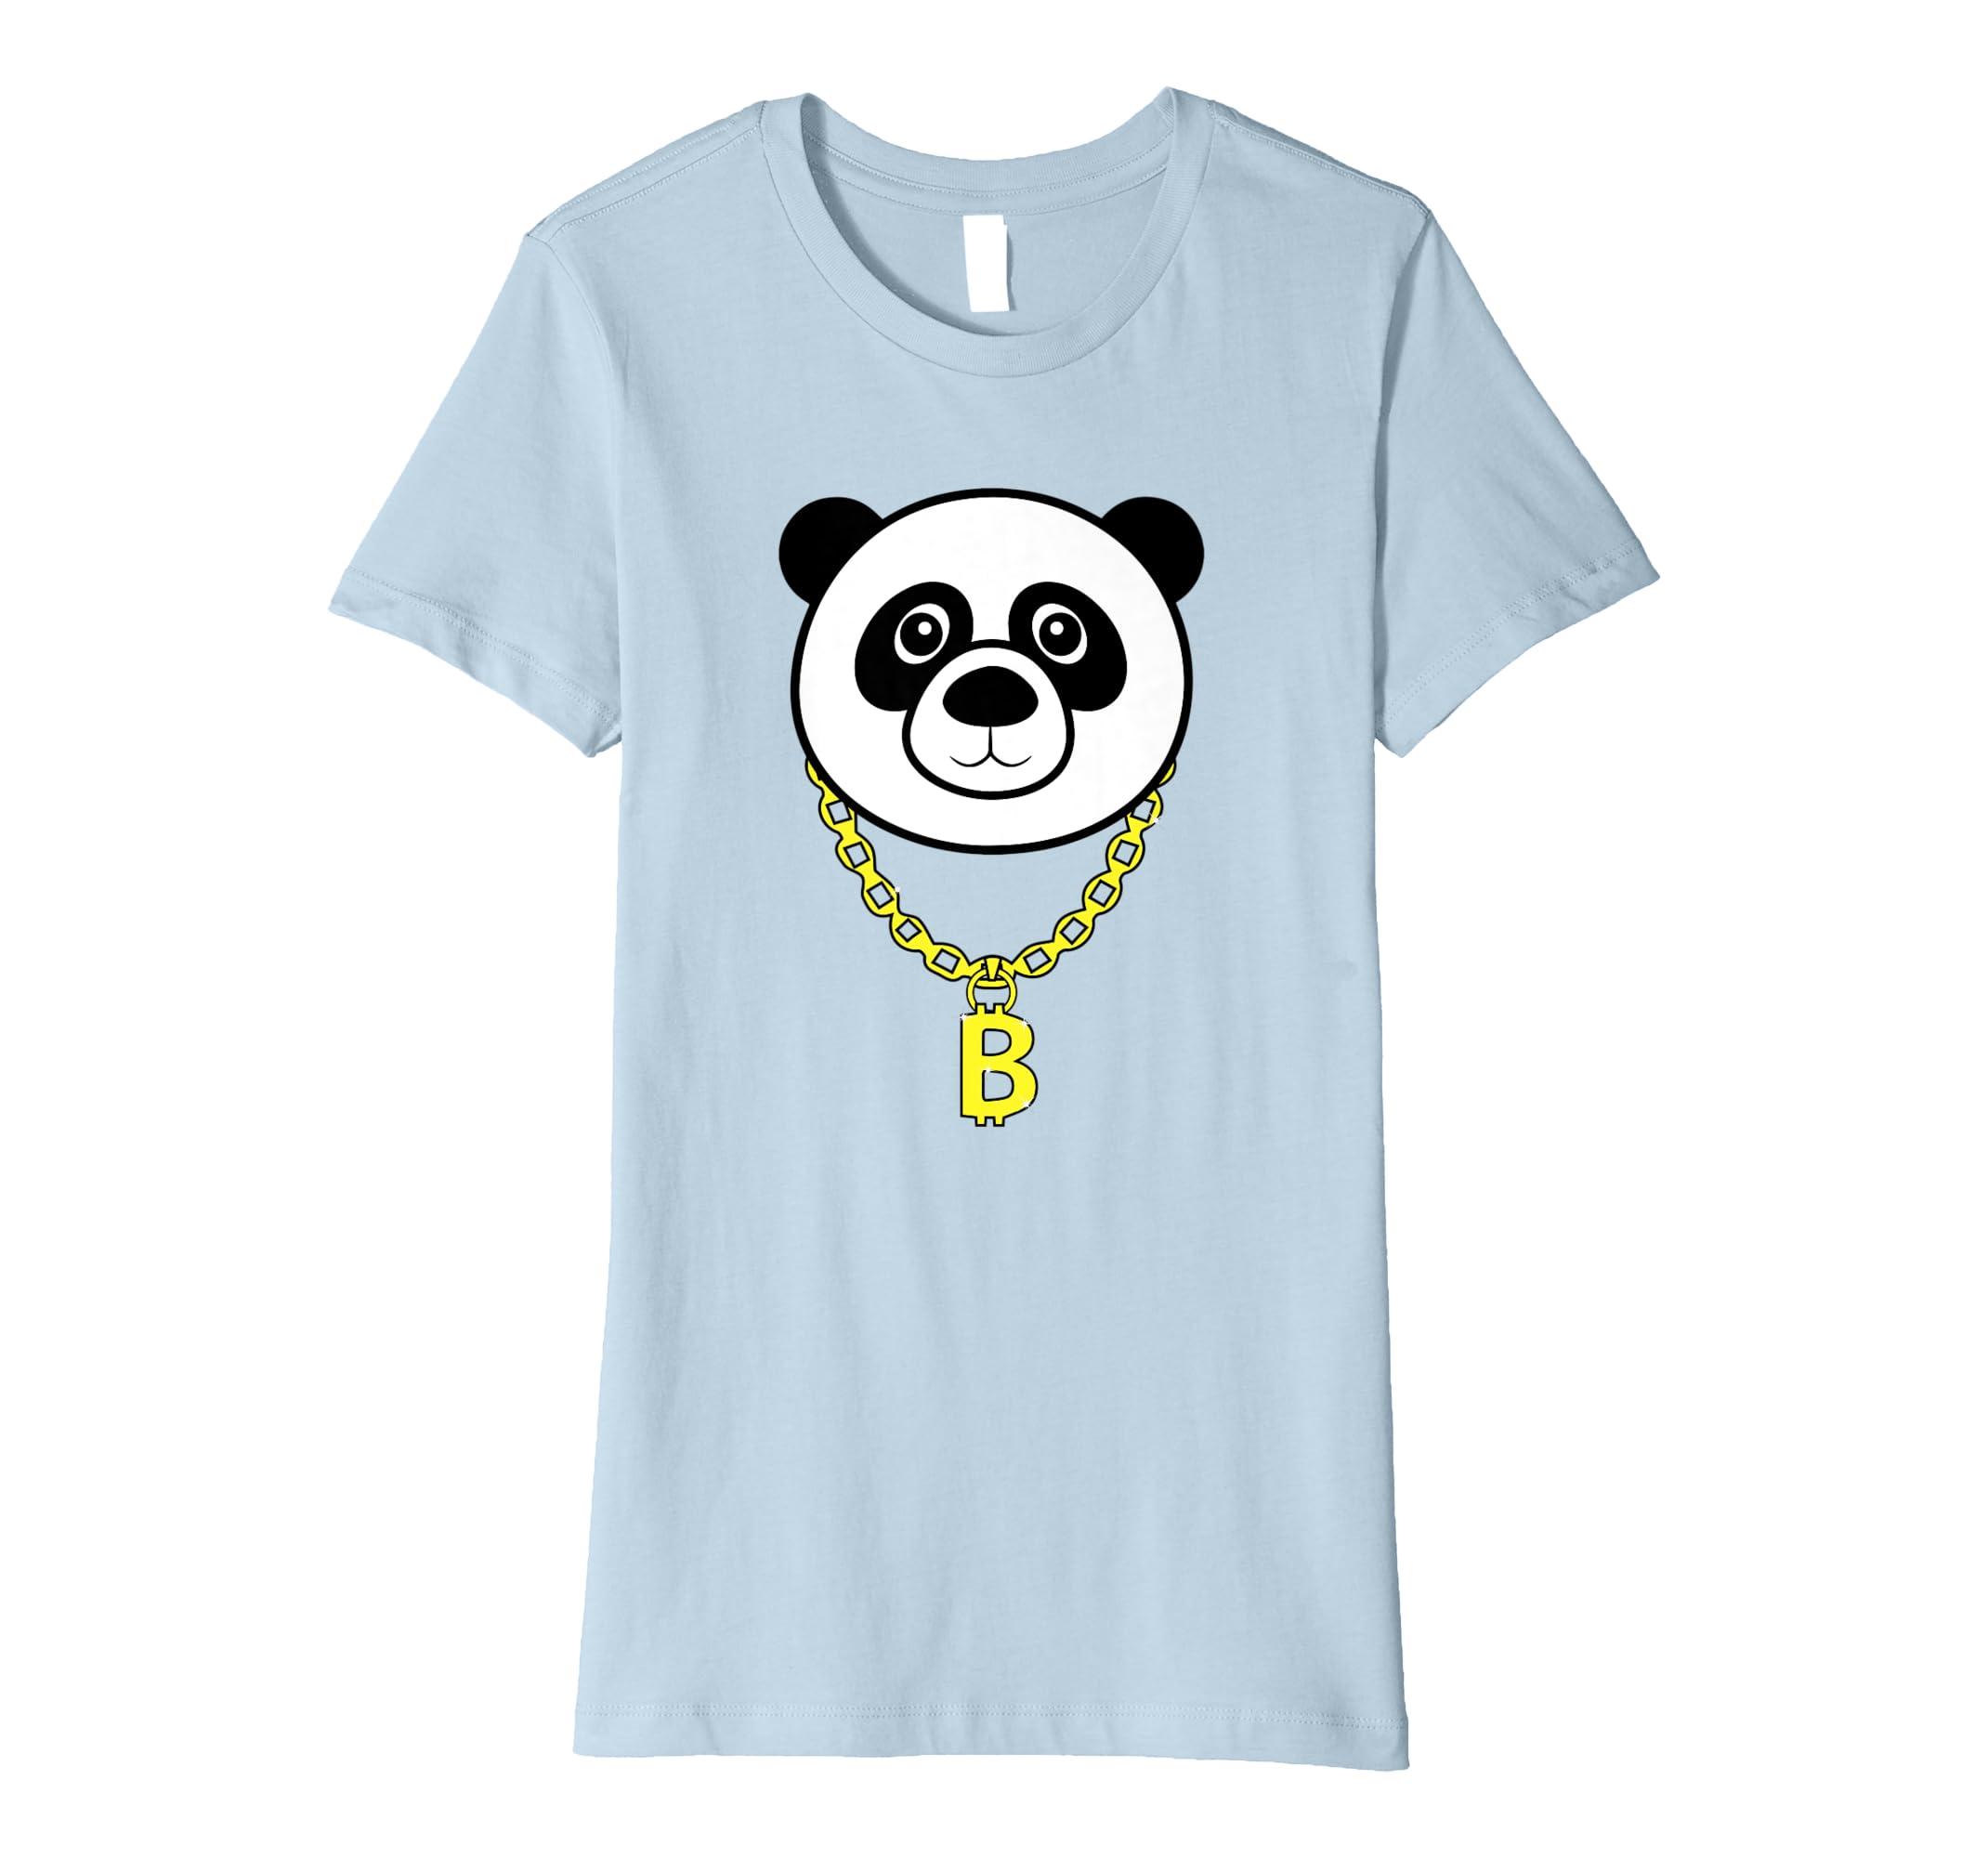 e5426b958 Amazon.com: Gangster Panda Golden Chain Shirt   Cool Bear Cat Funny Gift:  Clothing